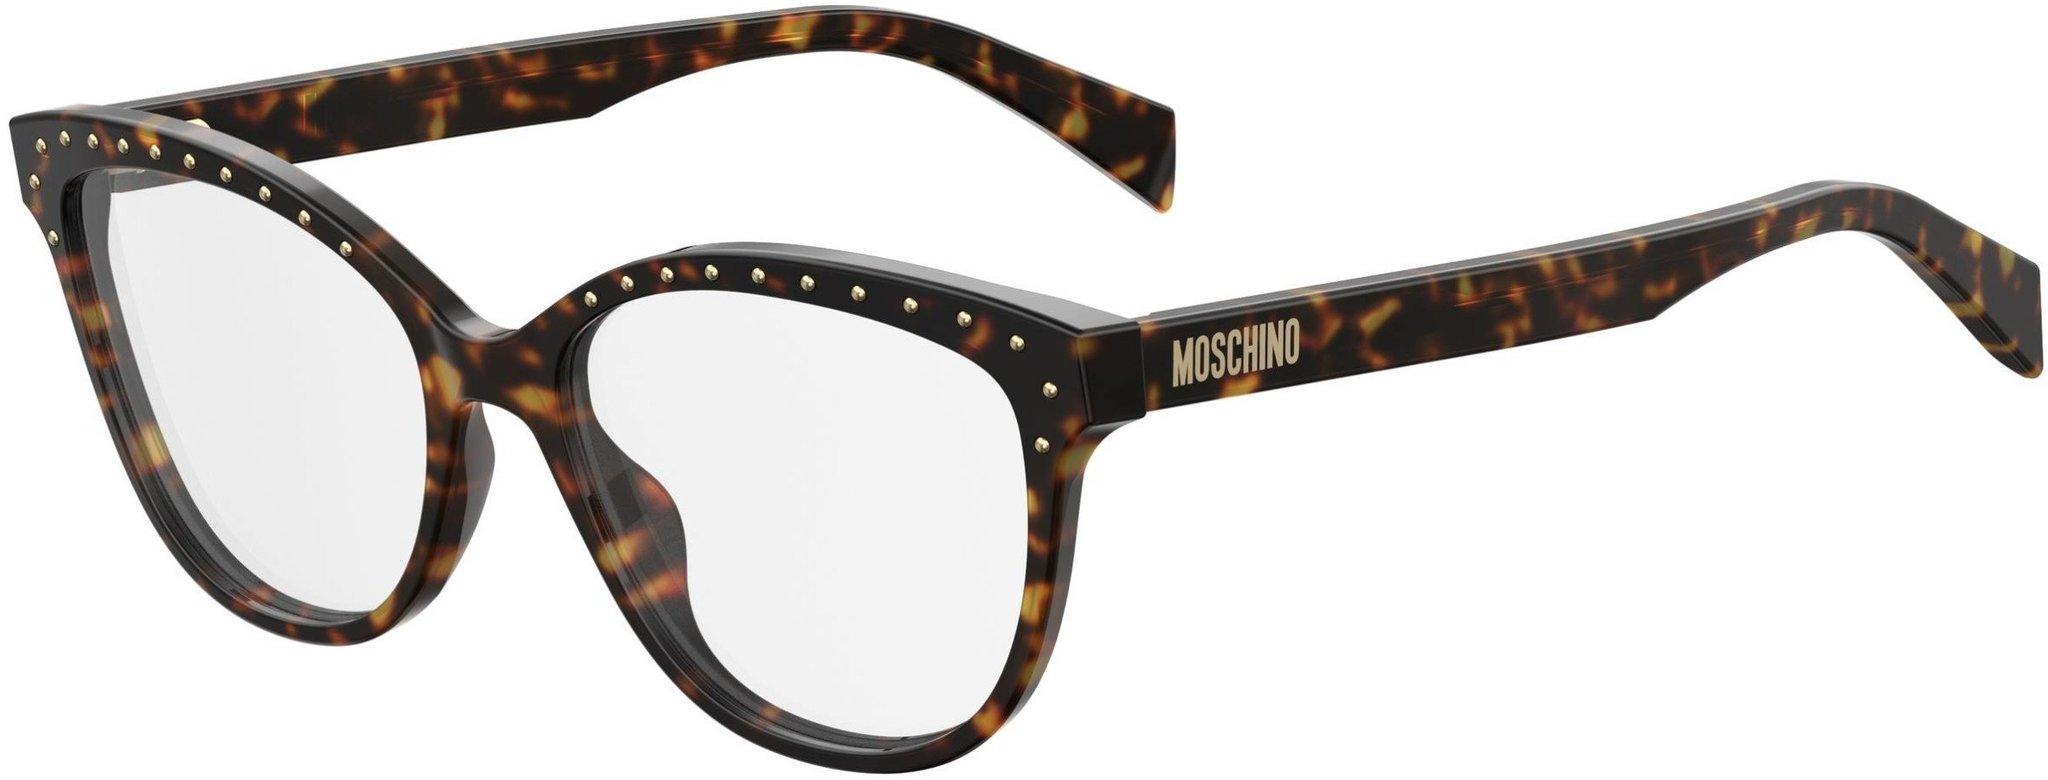 Moschino 506